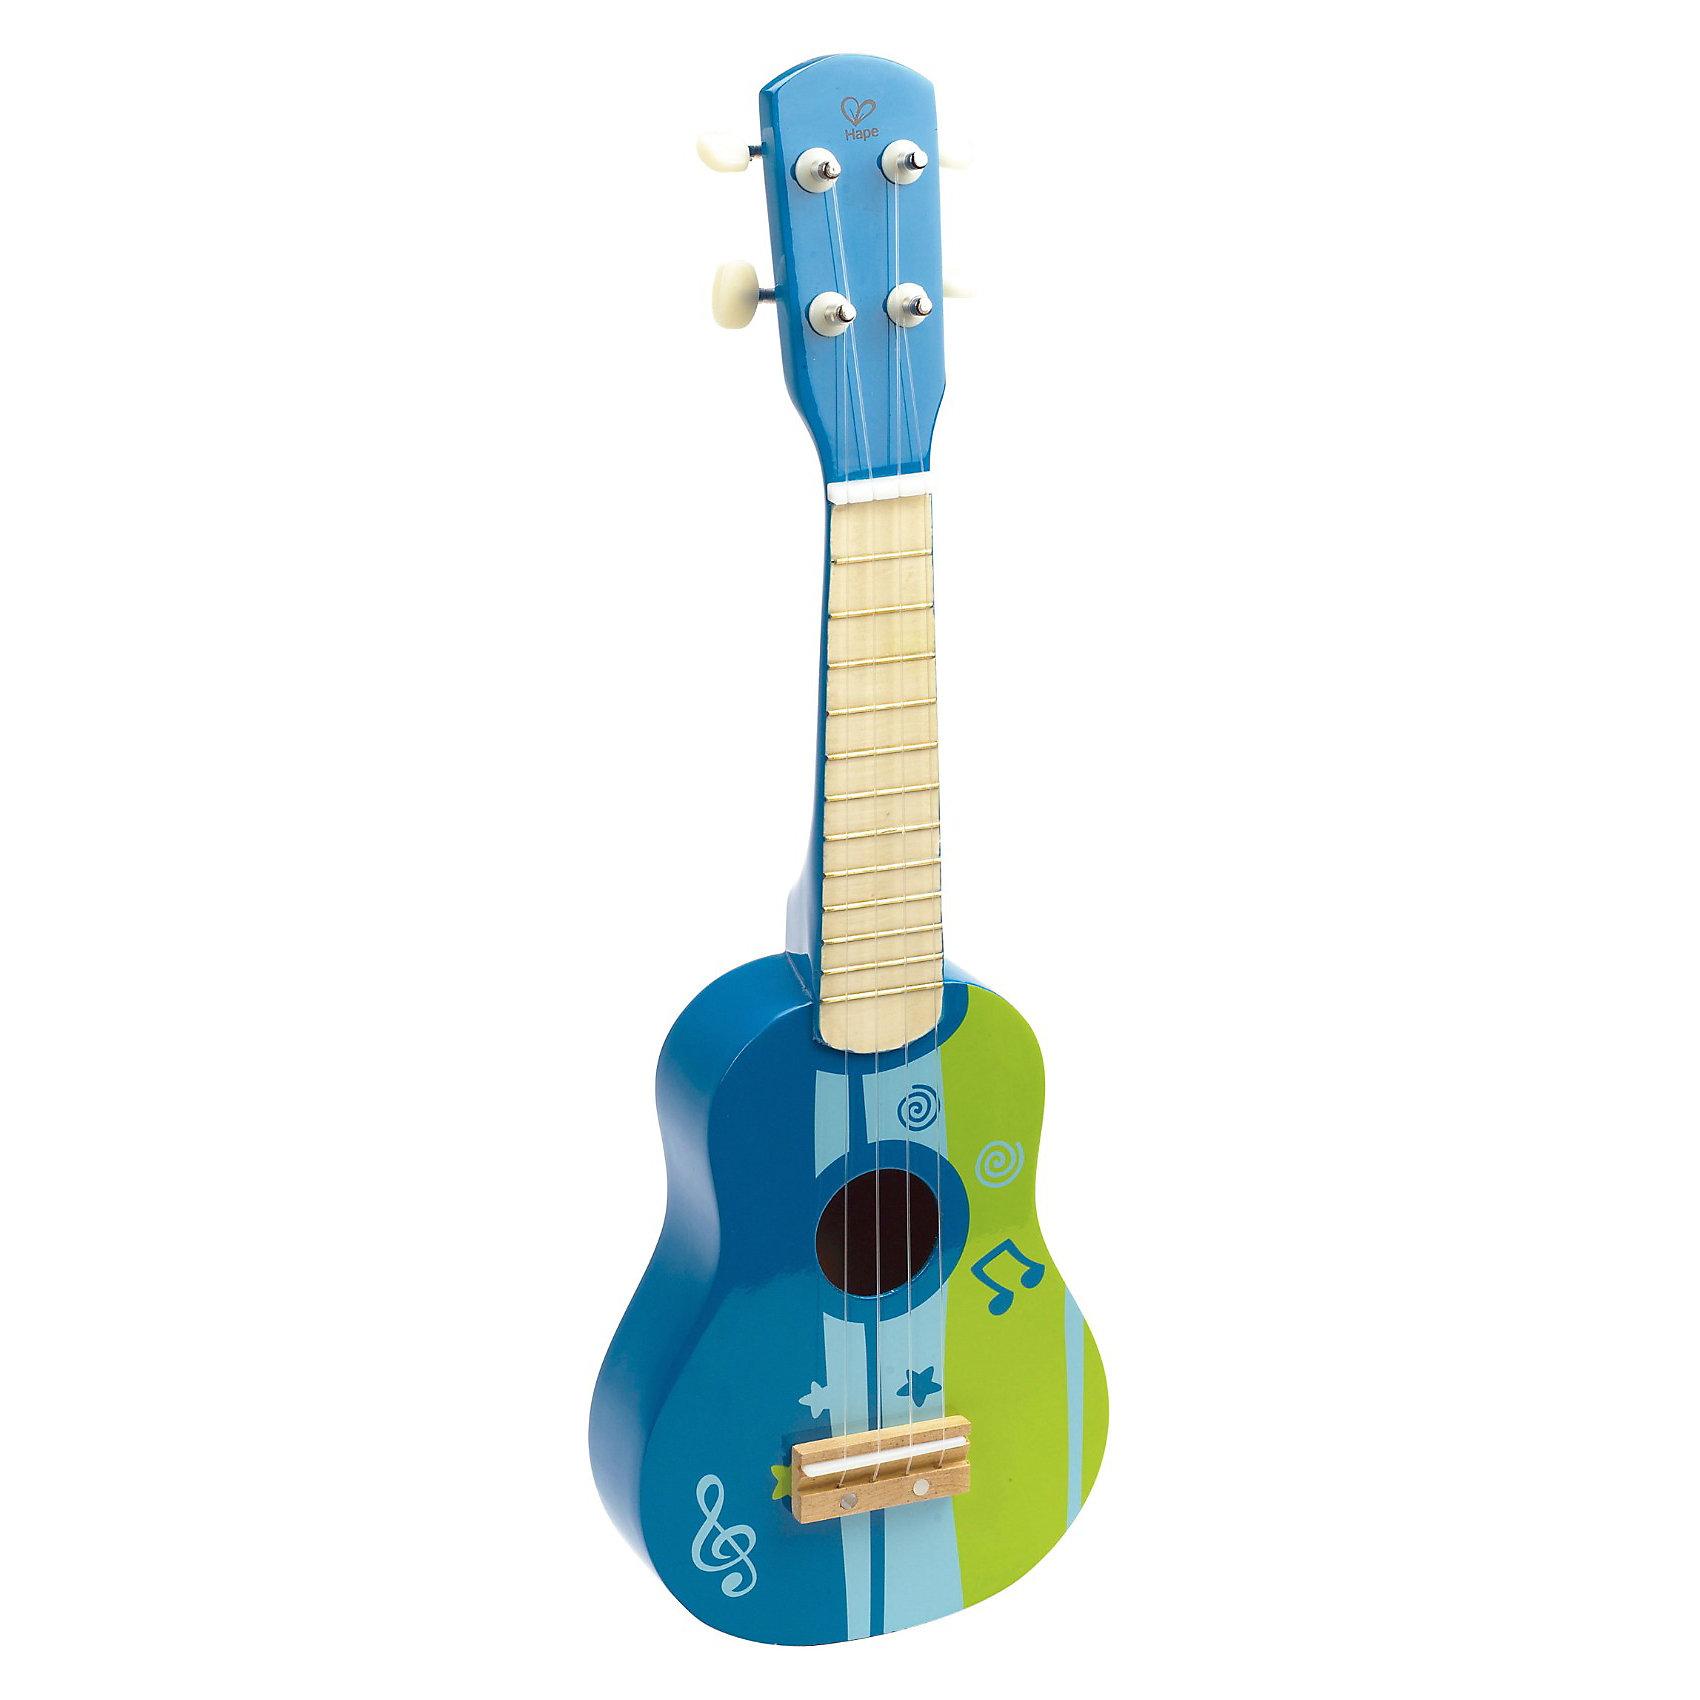 Гитара синяя, HapeГитара синяя, Hape (Хапе) идеальный подарок  для подросших юных музыкантов. Перебирая струны, малыш не только знакомится с миром музыки, но и тренирует ловкость пальчиков и мелкую моторику. Вашему ребенку обязательно понравится красивый инструмент яркой окраски, и возможно позже он захочет освоить настоящую гитару!<br>Игрушка развивает музыкальный слух, звучание инструмента натуральное, дарит положительные эмоции. Игрушка изготовлена из ценных, редких видов деревьев. Для окраски применяются стойкие краски, не содержащие фенол.<br><br>Дополнительная информация:<br><br>- Первый музыкальный инструмент малыша;<br>- У гитары 4 струны;<br>- Материал: дерево, металл;<br>- Малыш сможет создавать свои собственные музыкальные партии;<br>- Развивает мелкую моторику, координации глаз и рук, музыкальные навыки;<br>- Игрушка понравится как девочкам, так и мальчикам;<br>- Цвет: Синий;<br>- Размер гитары: 53 х 17 х 6 см;<br>- Вес: 0,36 кг.<br><br>Гитару синюю, Hape (Хапе)  можно купить в нашем интернет-магазине.<br><br>Ширина мм: 545<br>Глубина мм: 100<br>Высота мм: 175<br>Вес г: 360<br>Возраст от месяцев: 36<br>Возраст до месяцев: 60<br>Пол: Унисекс<br>Возраст: Детский<br>SKU: 3534104